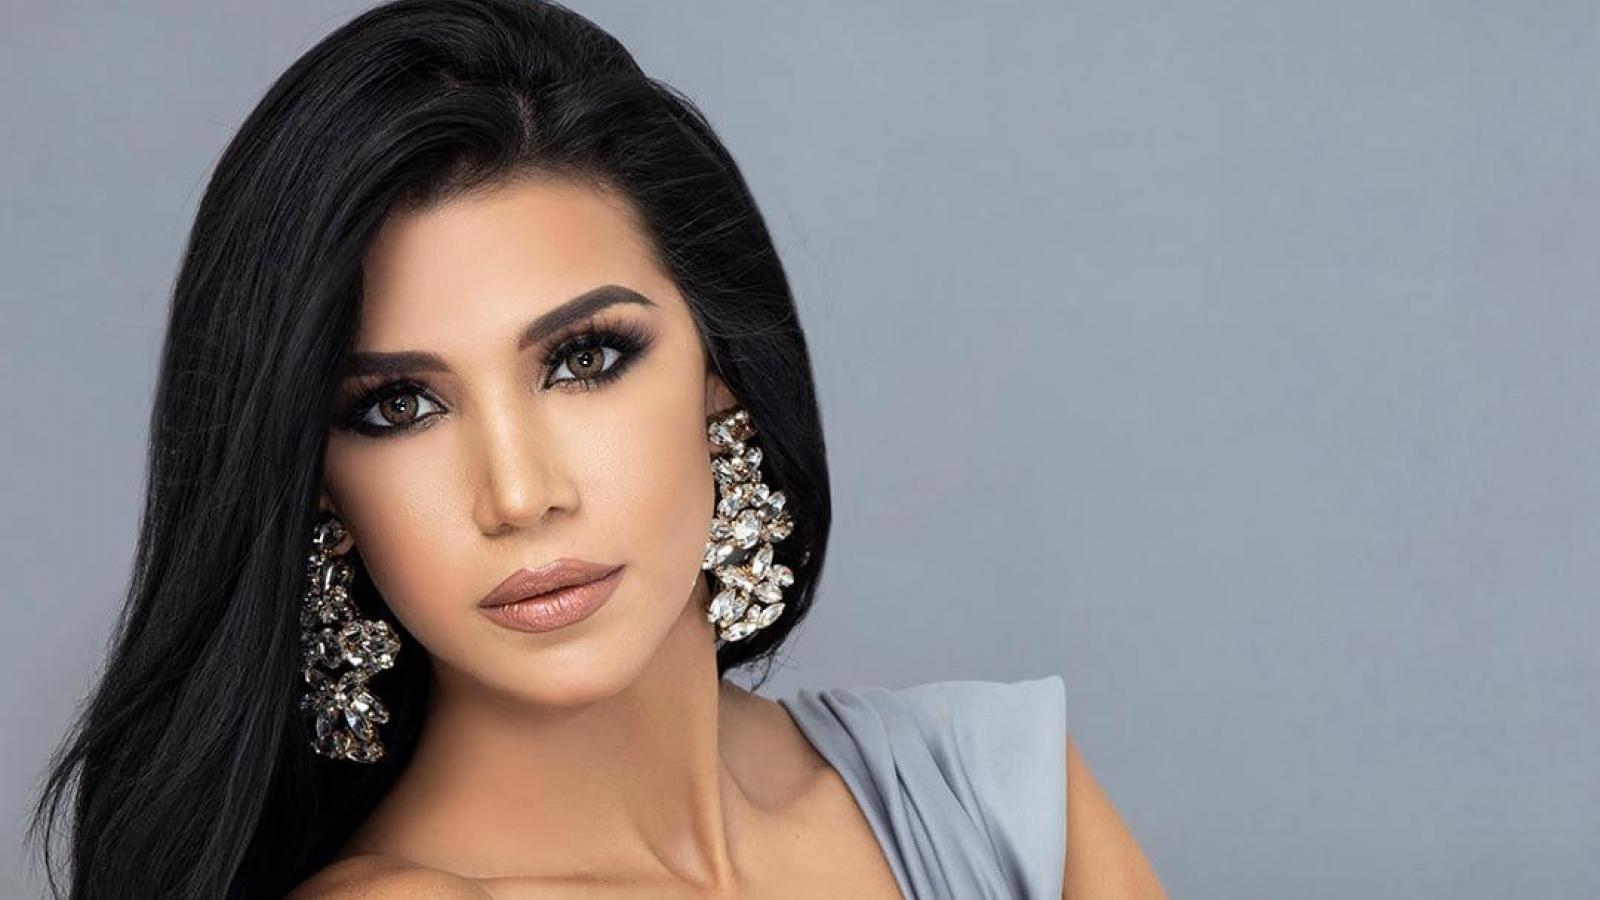 Ngắm nhan sắc rạng ngời của thí sinh Hoa hậu Venezuela